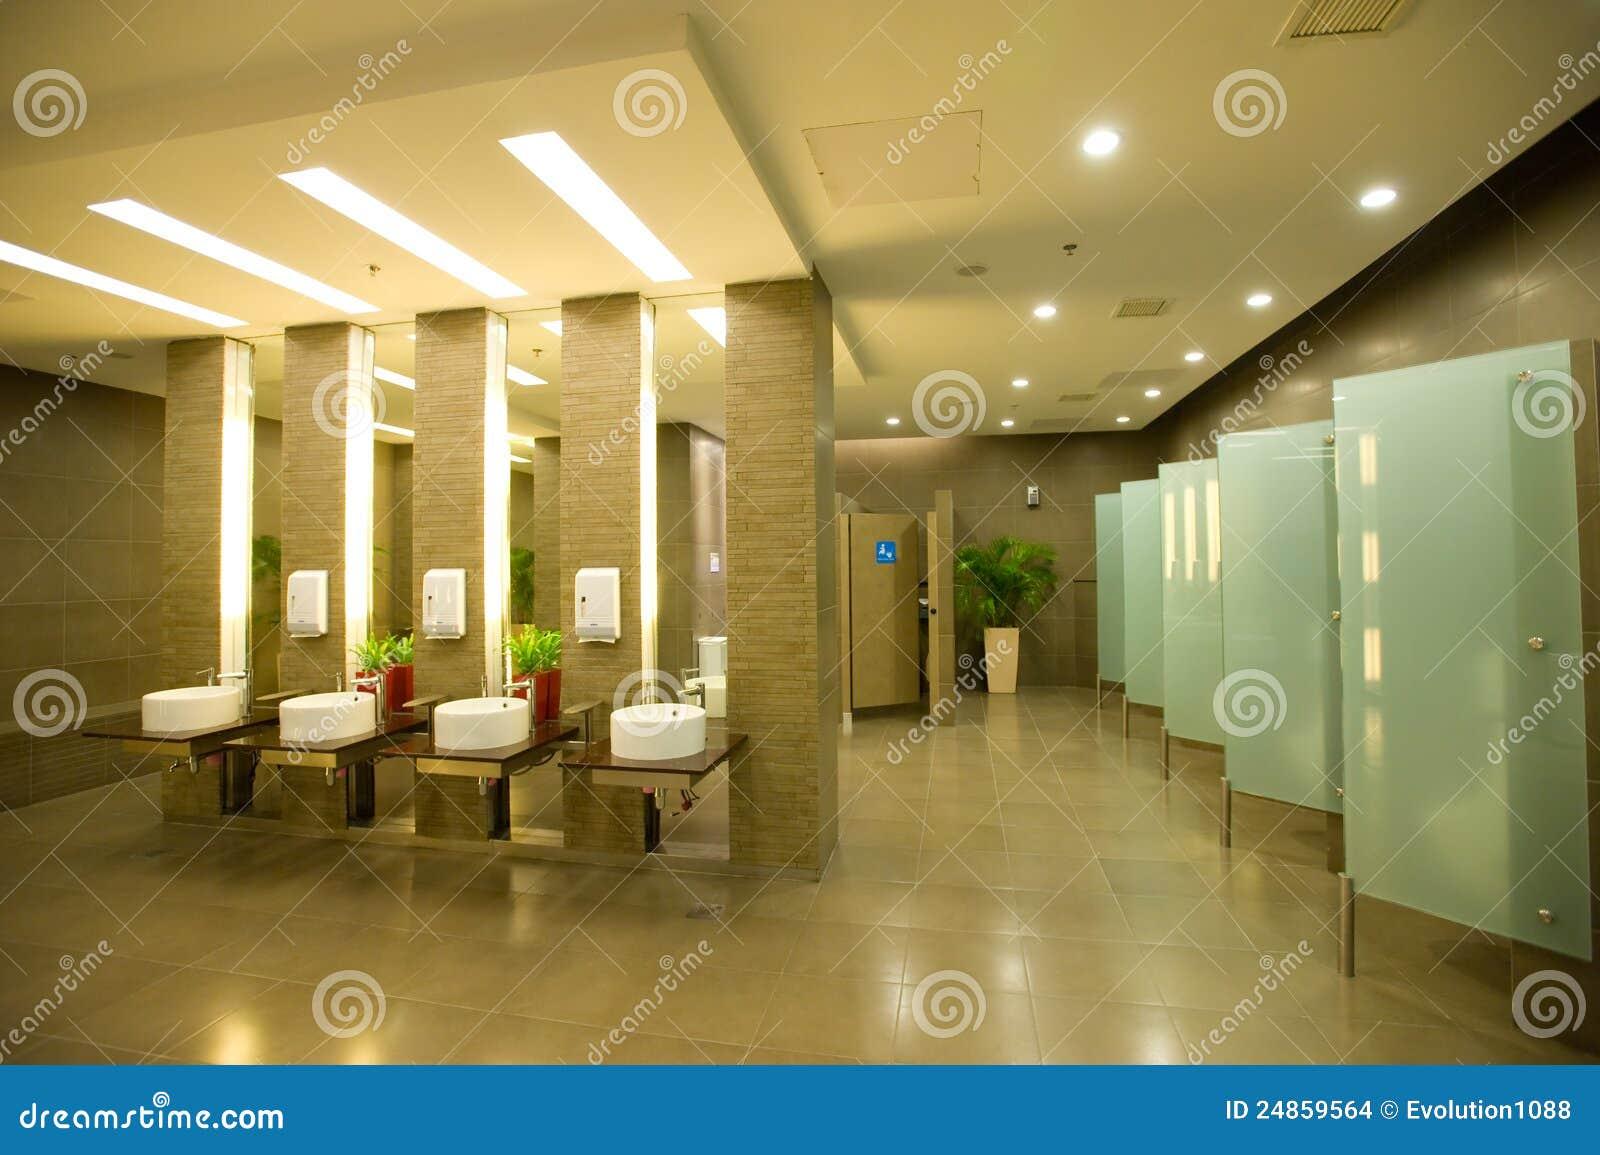 Toilettes modernes photo stock. Image du toilette, intérieur ...